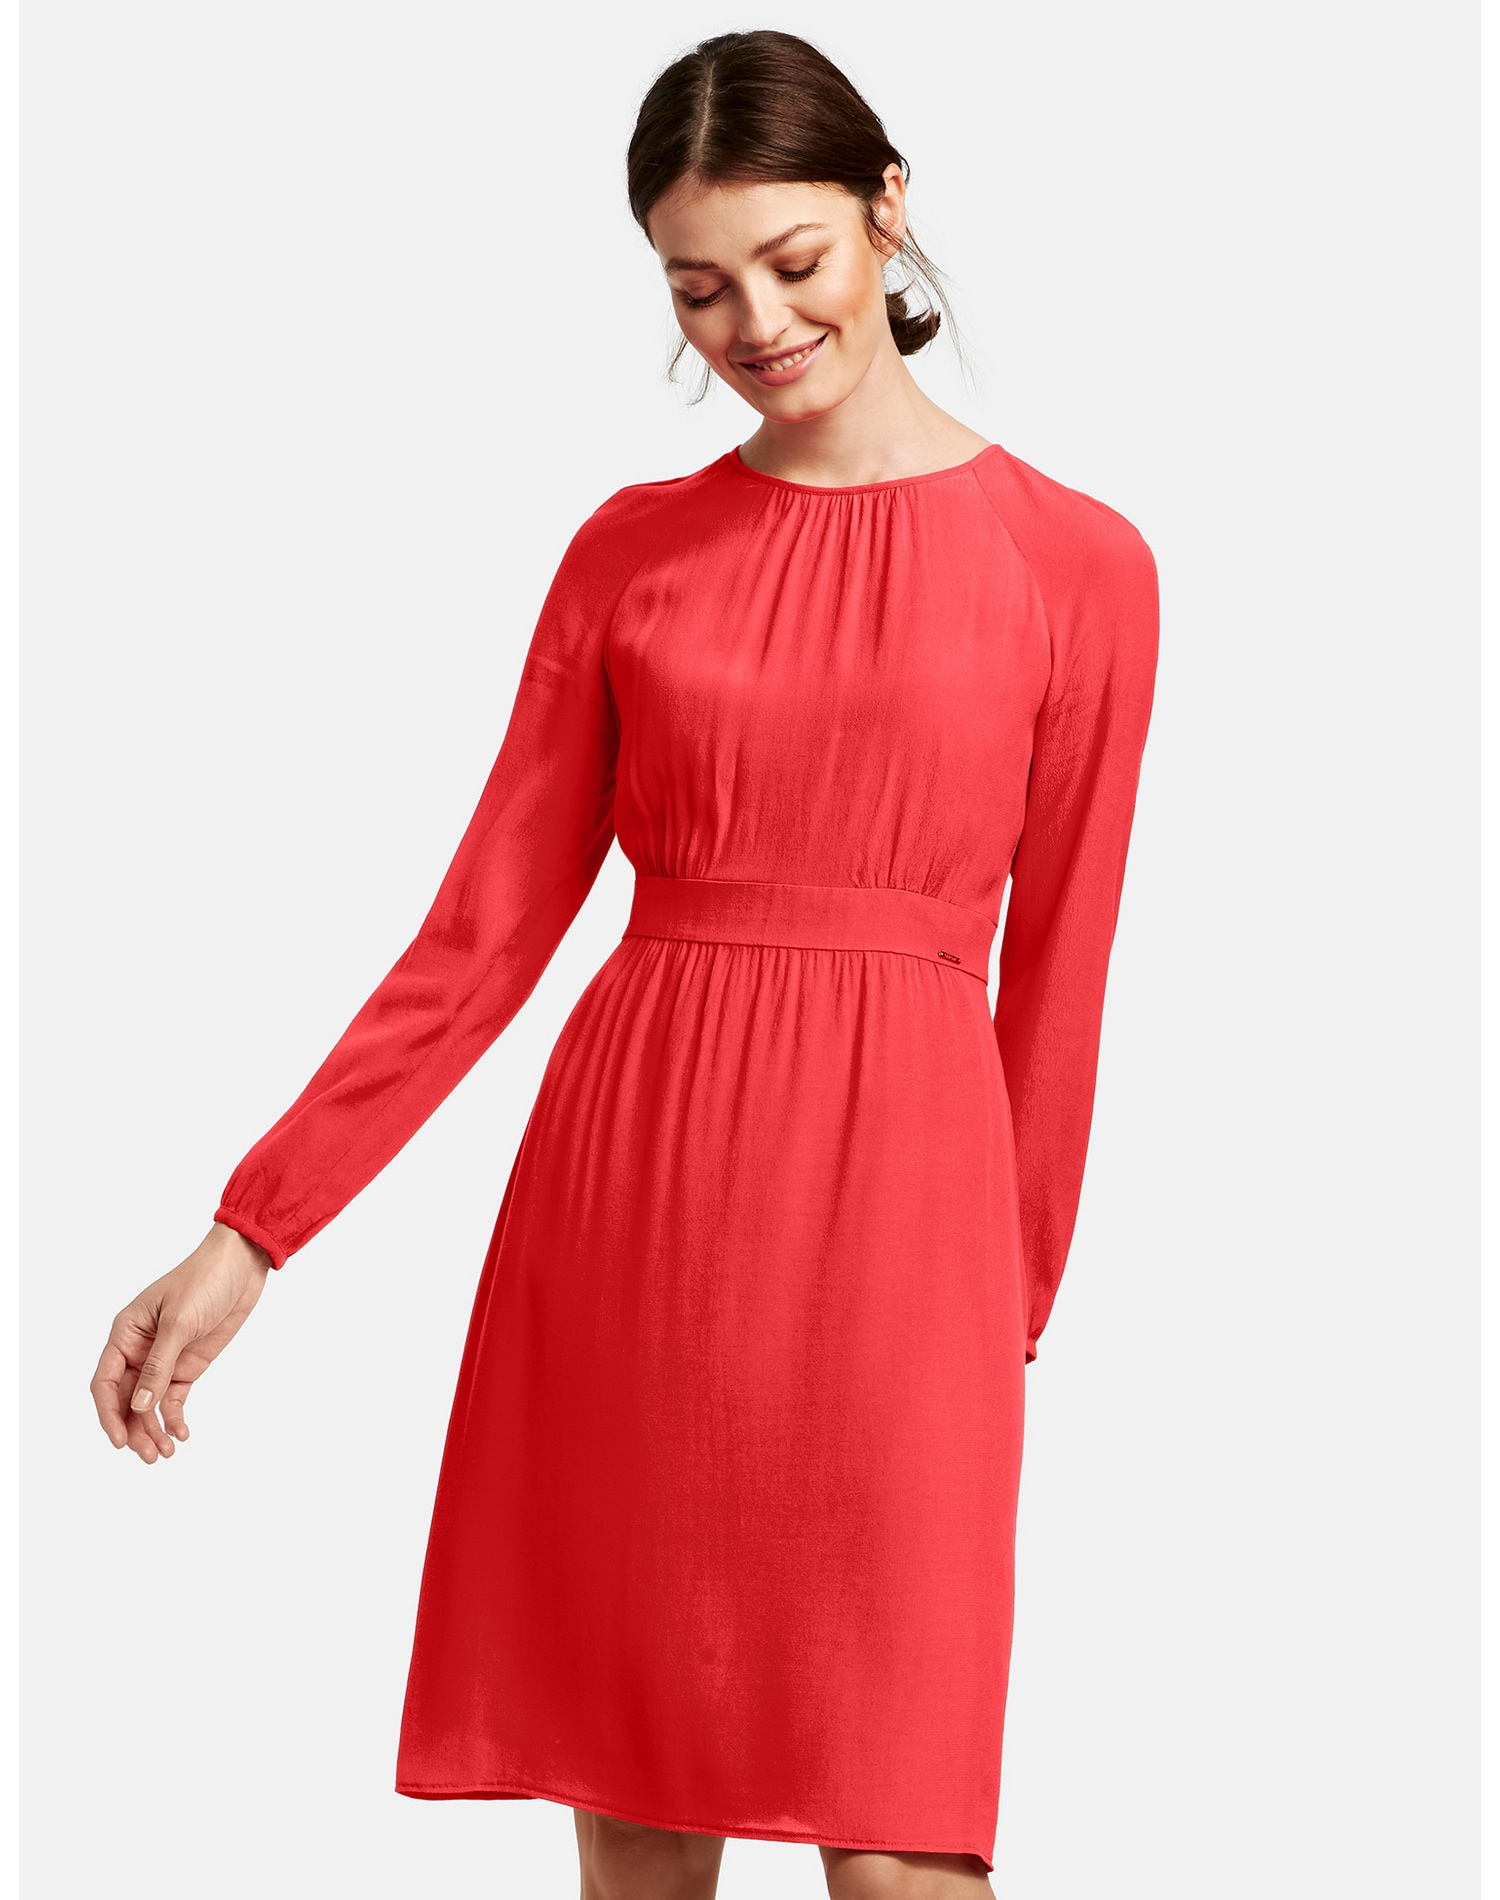 Kaschierende kleider  Kleider online shoppen